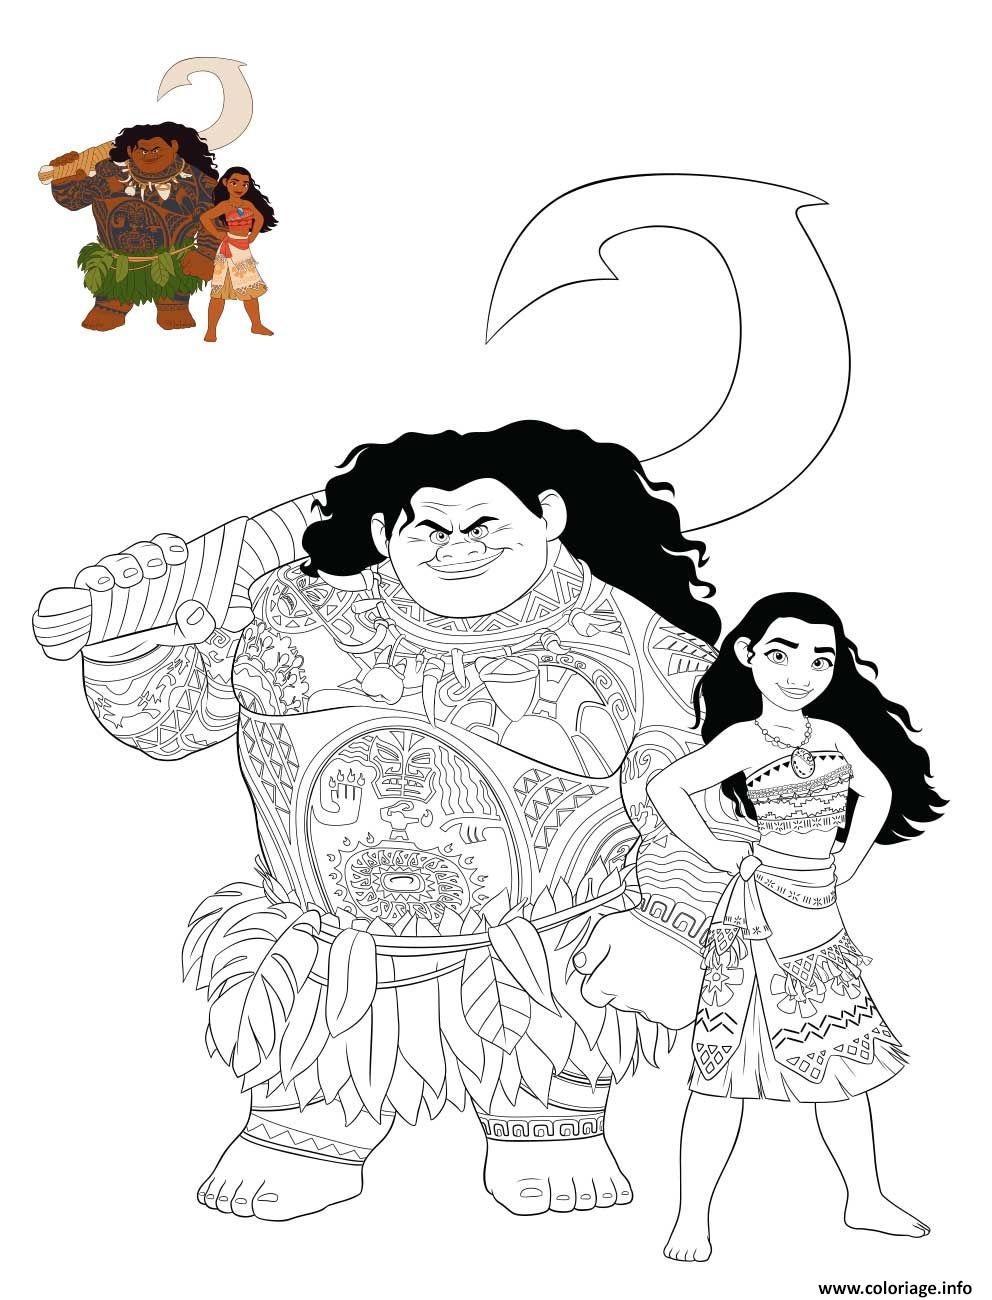 Dessin vaiana et son compagnon de voyage maui Coloriage Gratuit à Imprimer